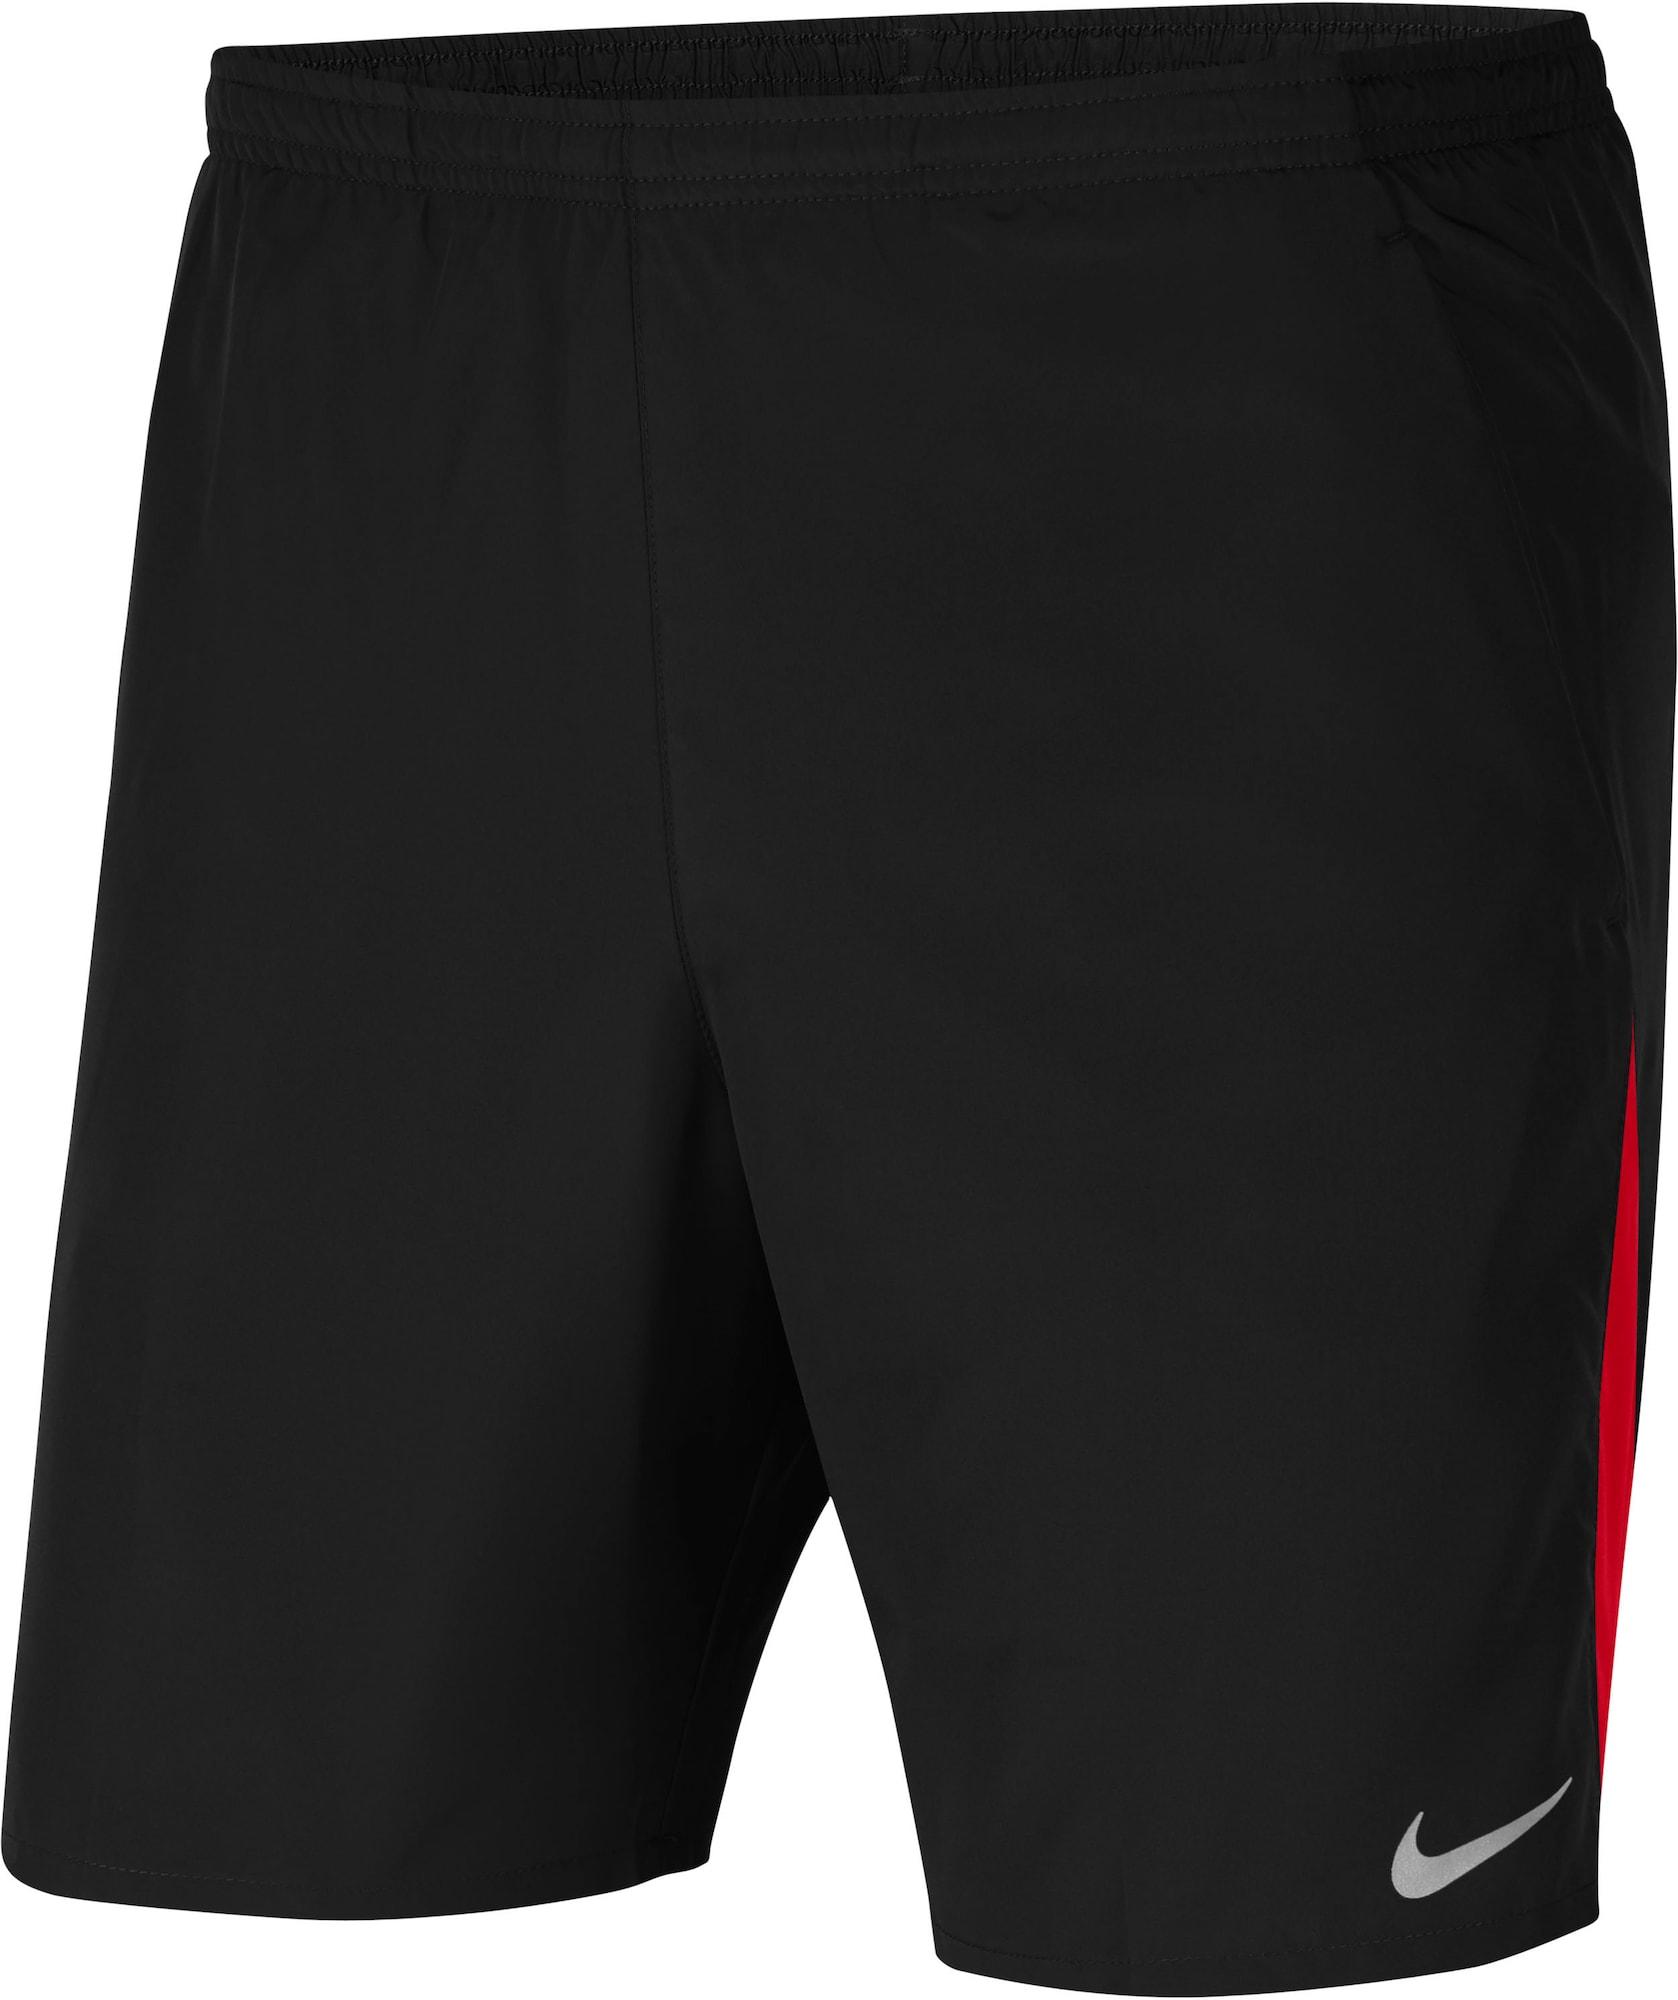 NIKE Sportinės kelnės juoda / ugnies raudona / šviesiai pilka